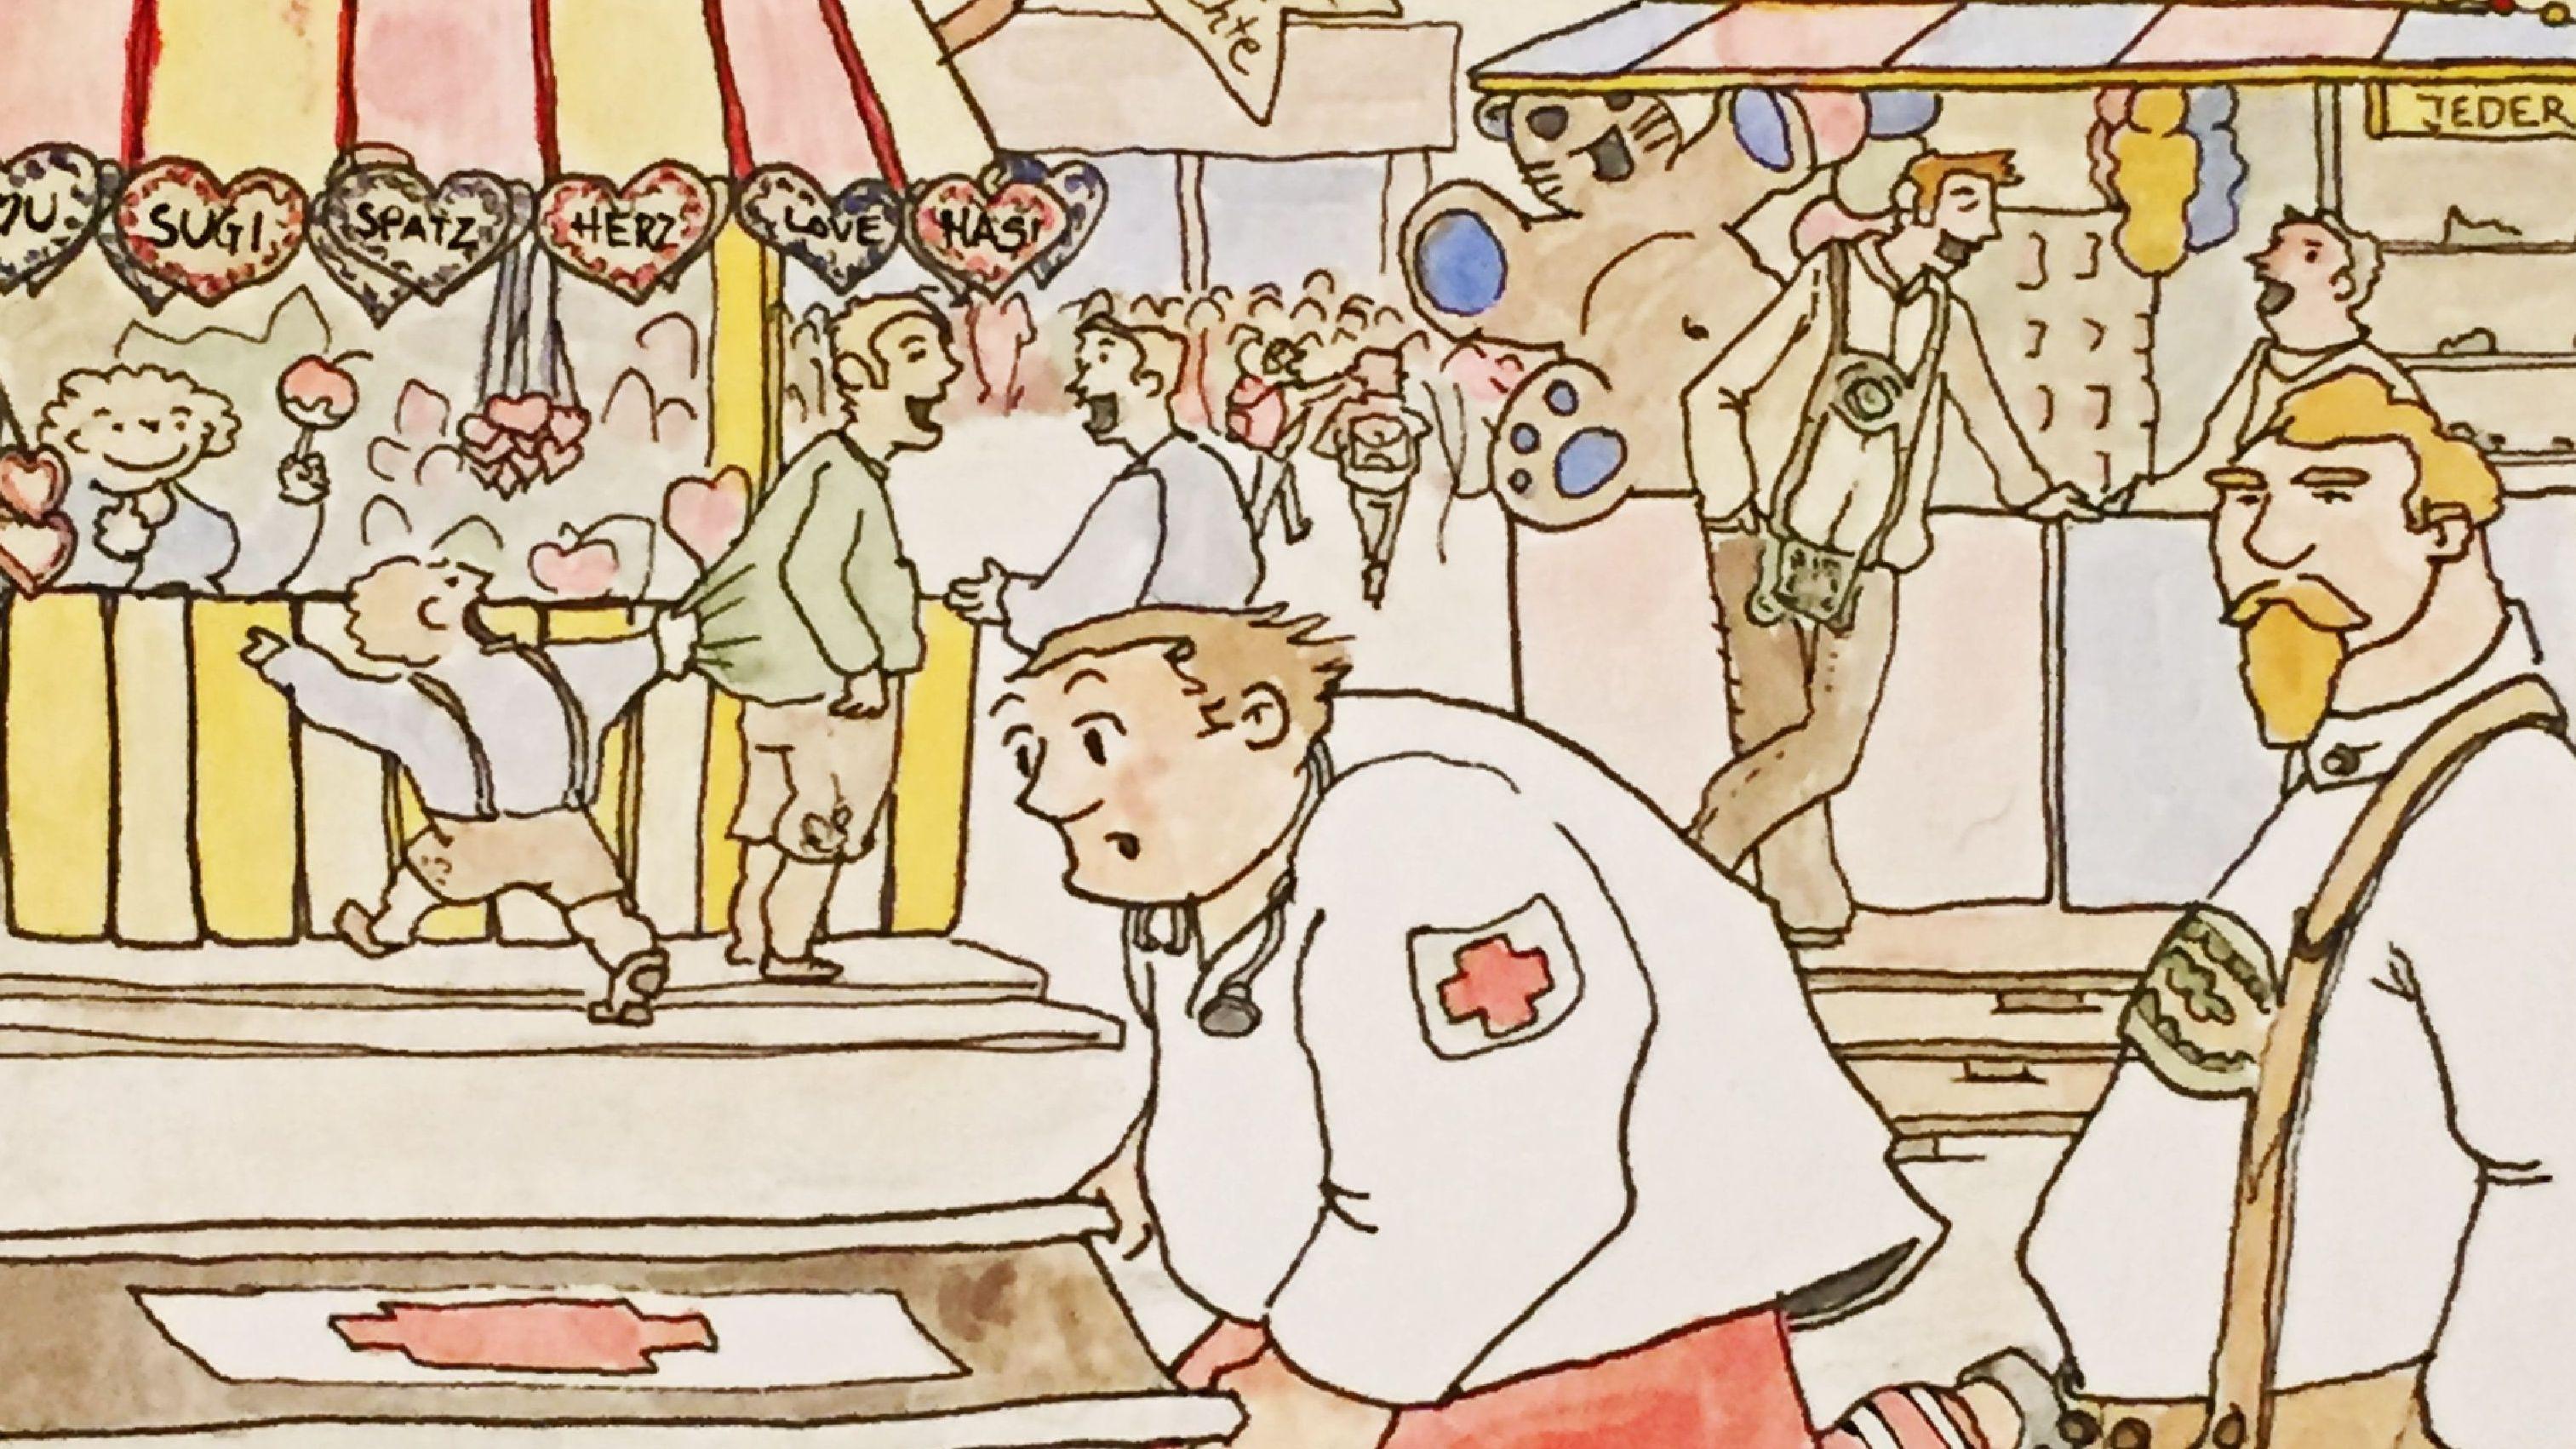 Sanitäter rennen durchs Wiesngewusel